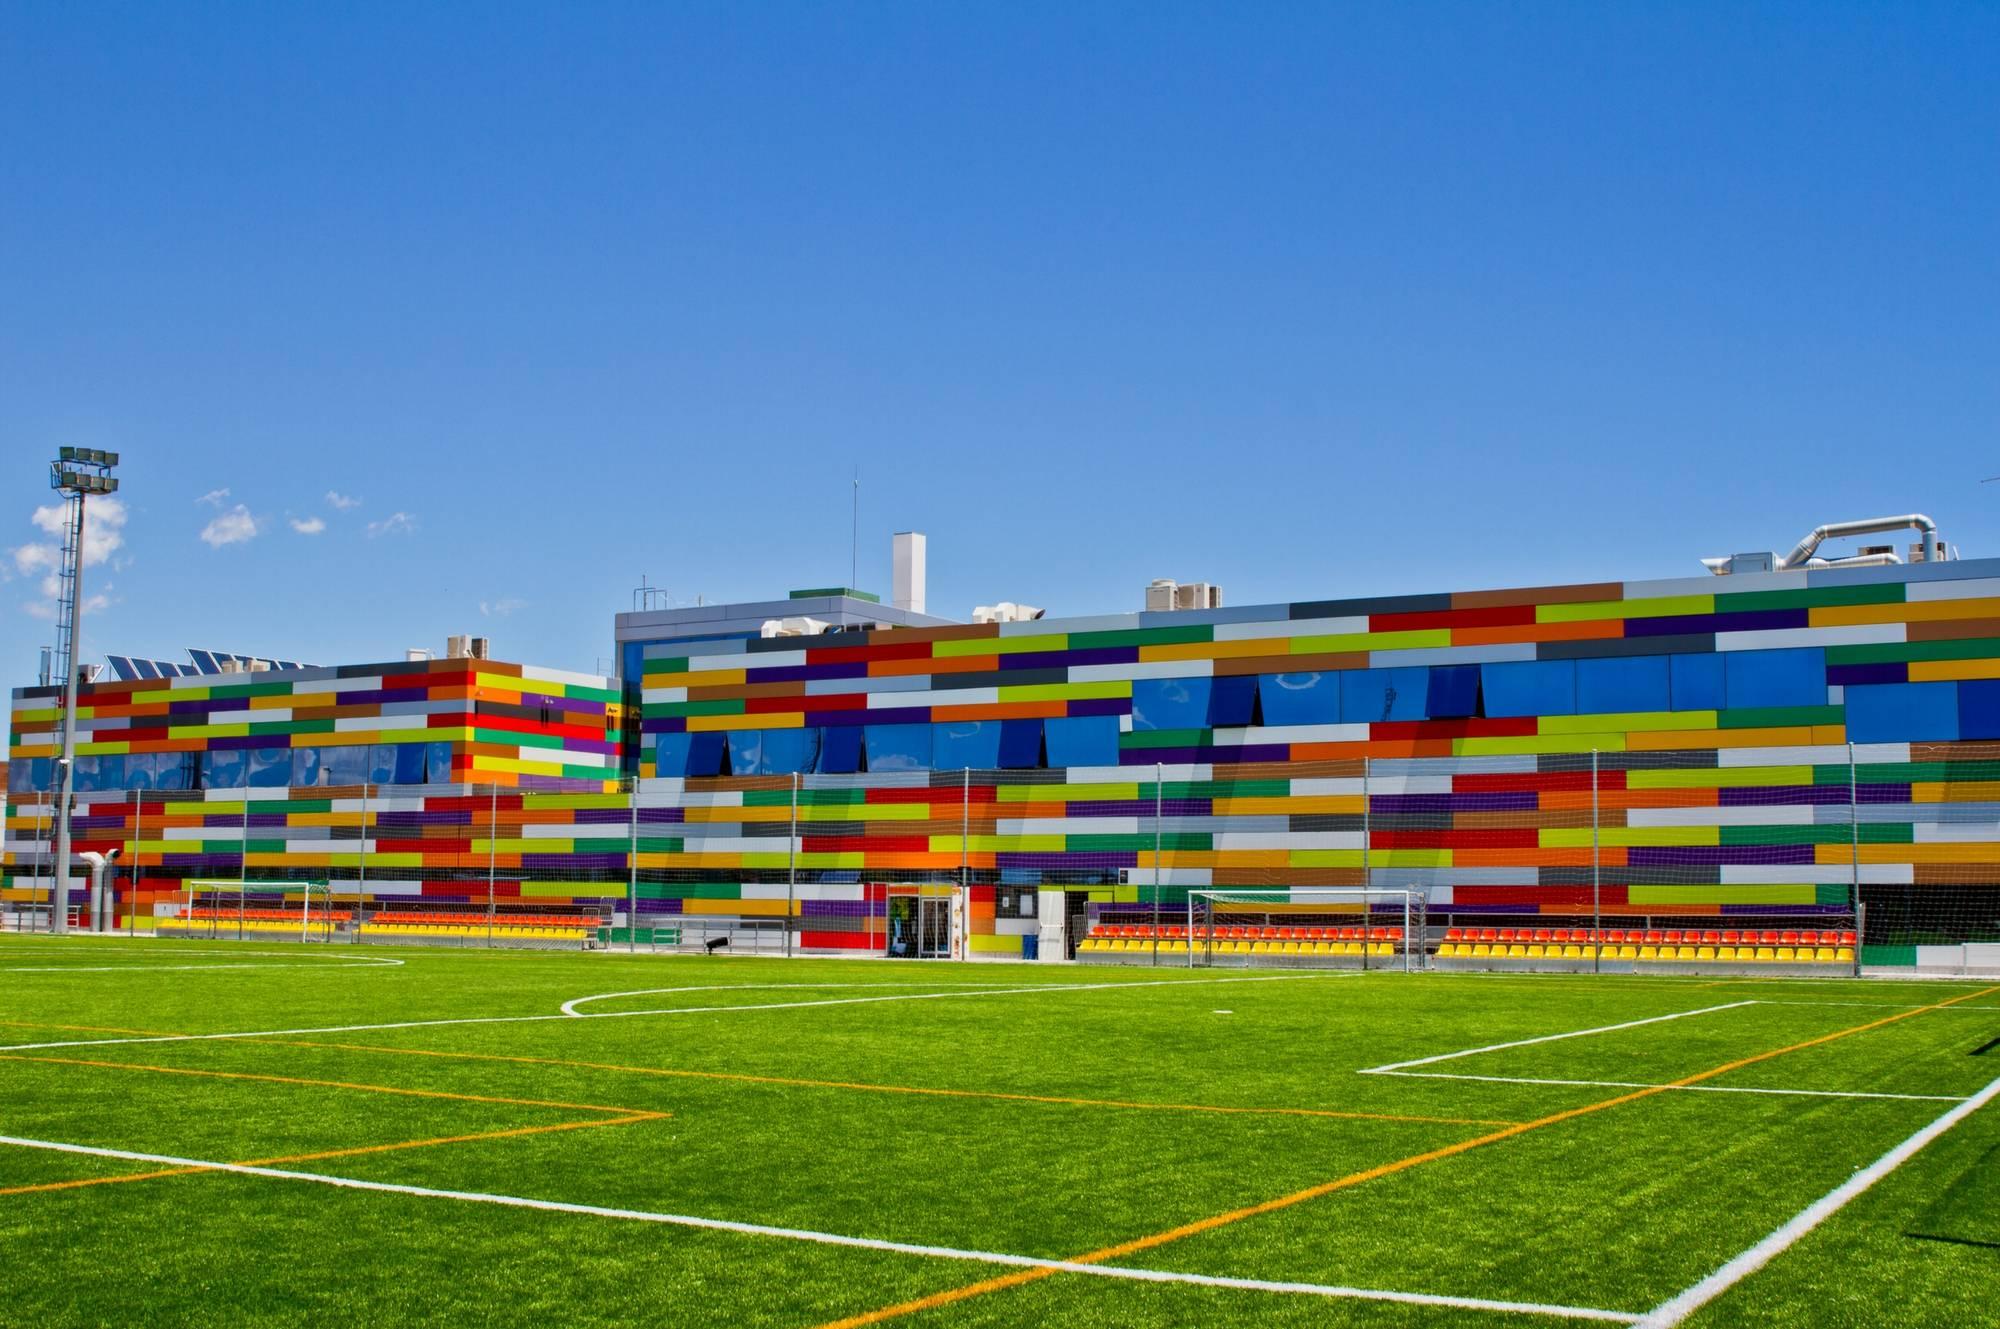 instalaciones_11_instalaciones futbol arena